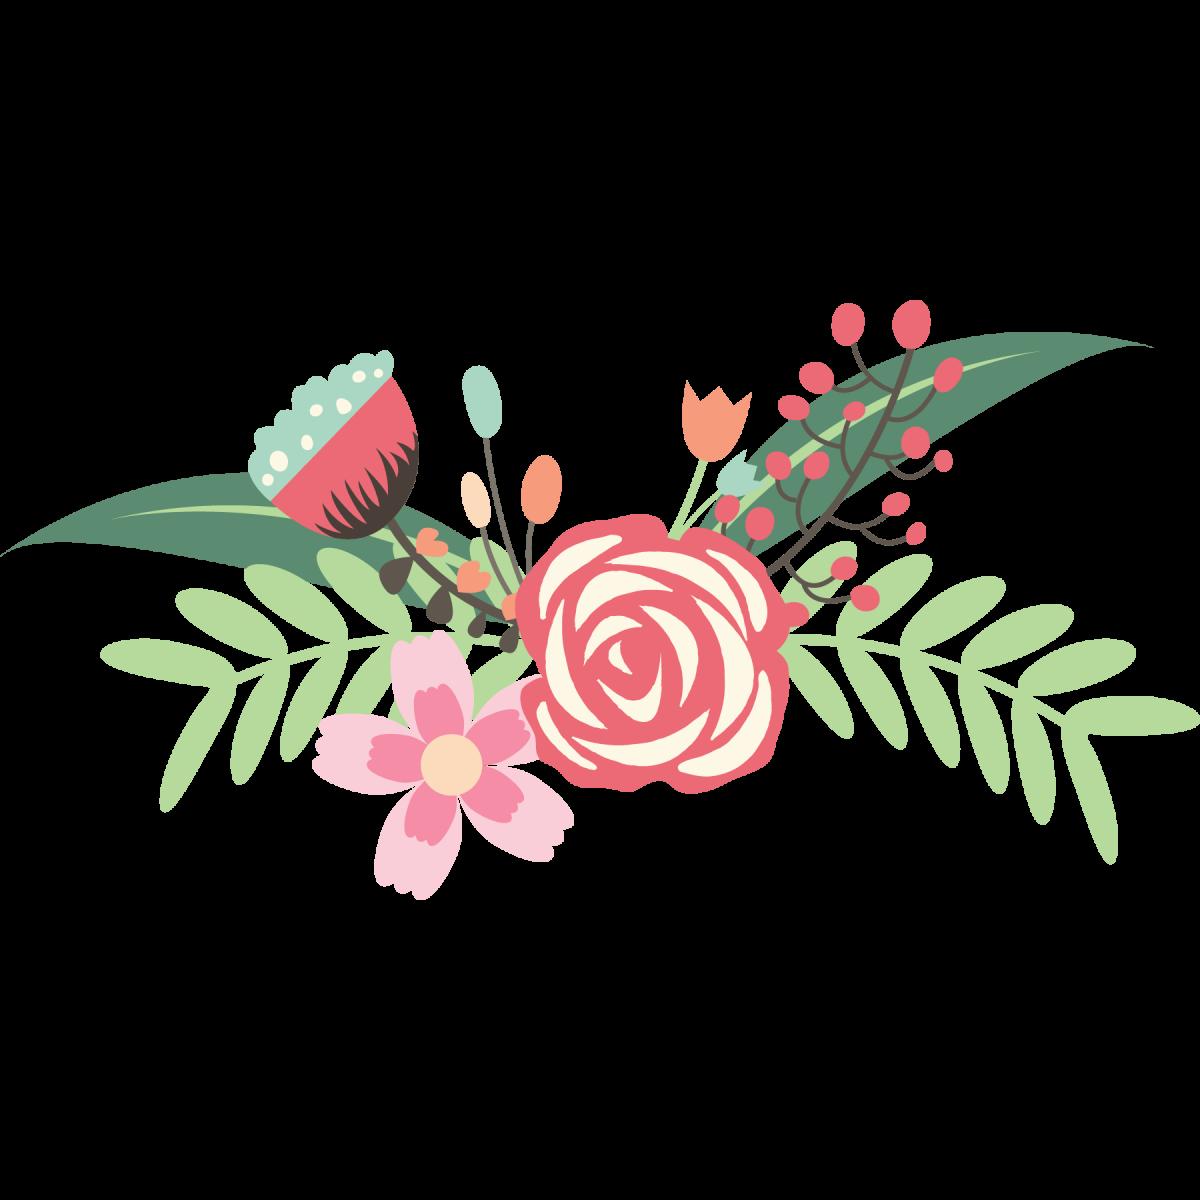 Floral clipart pastel. Flower bouquet design clip